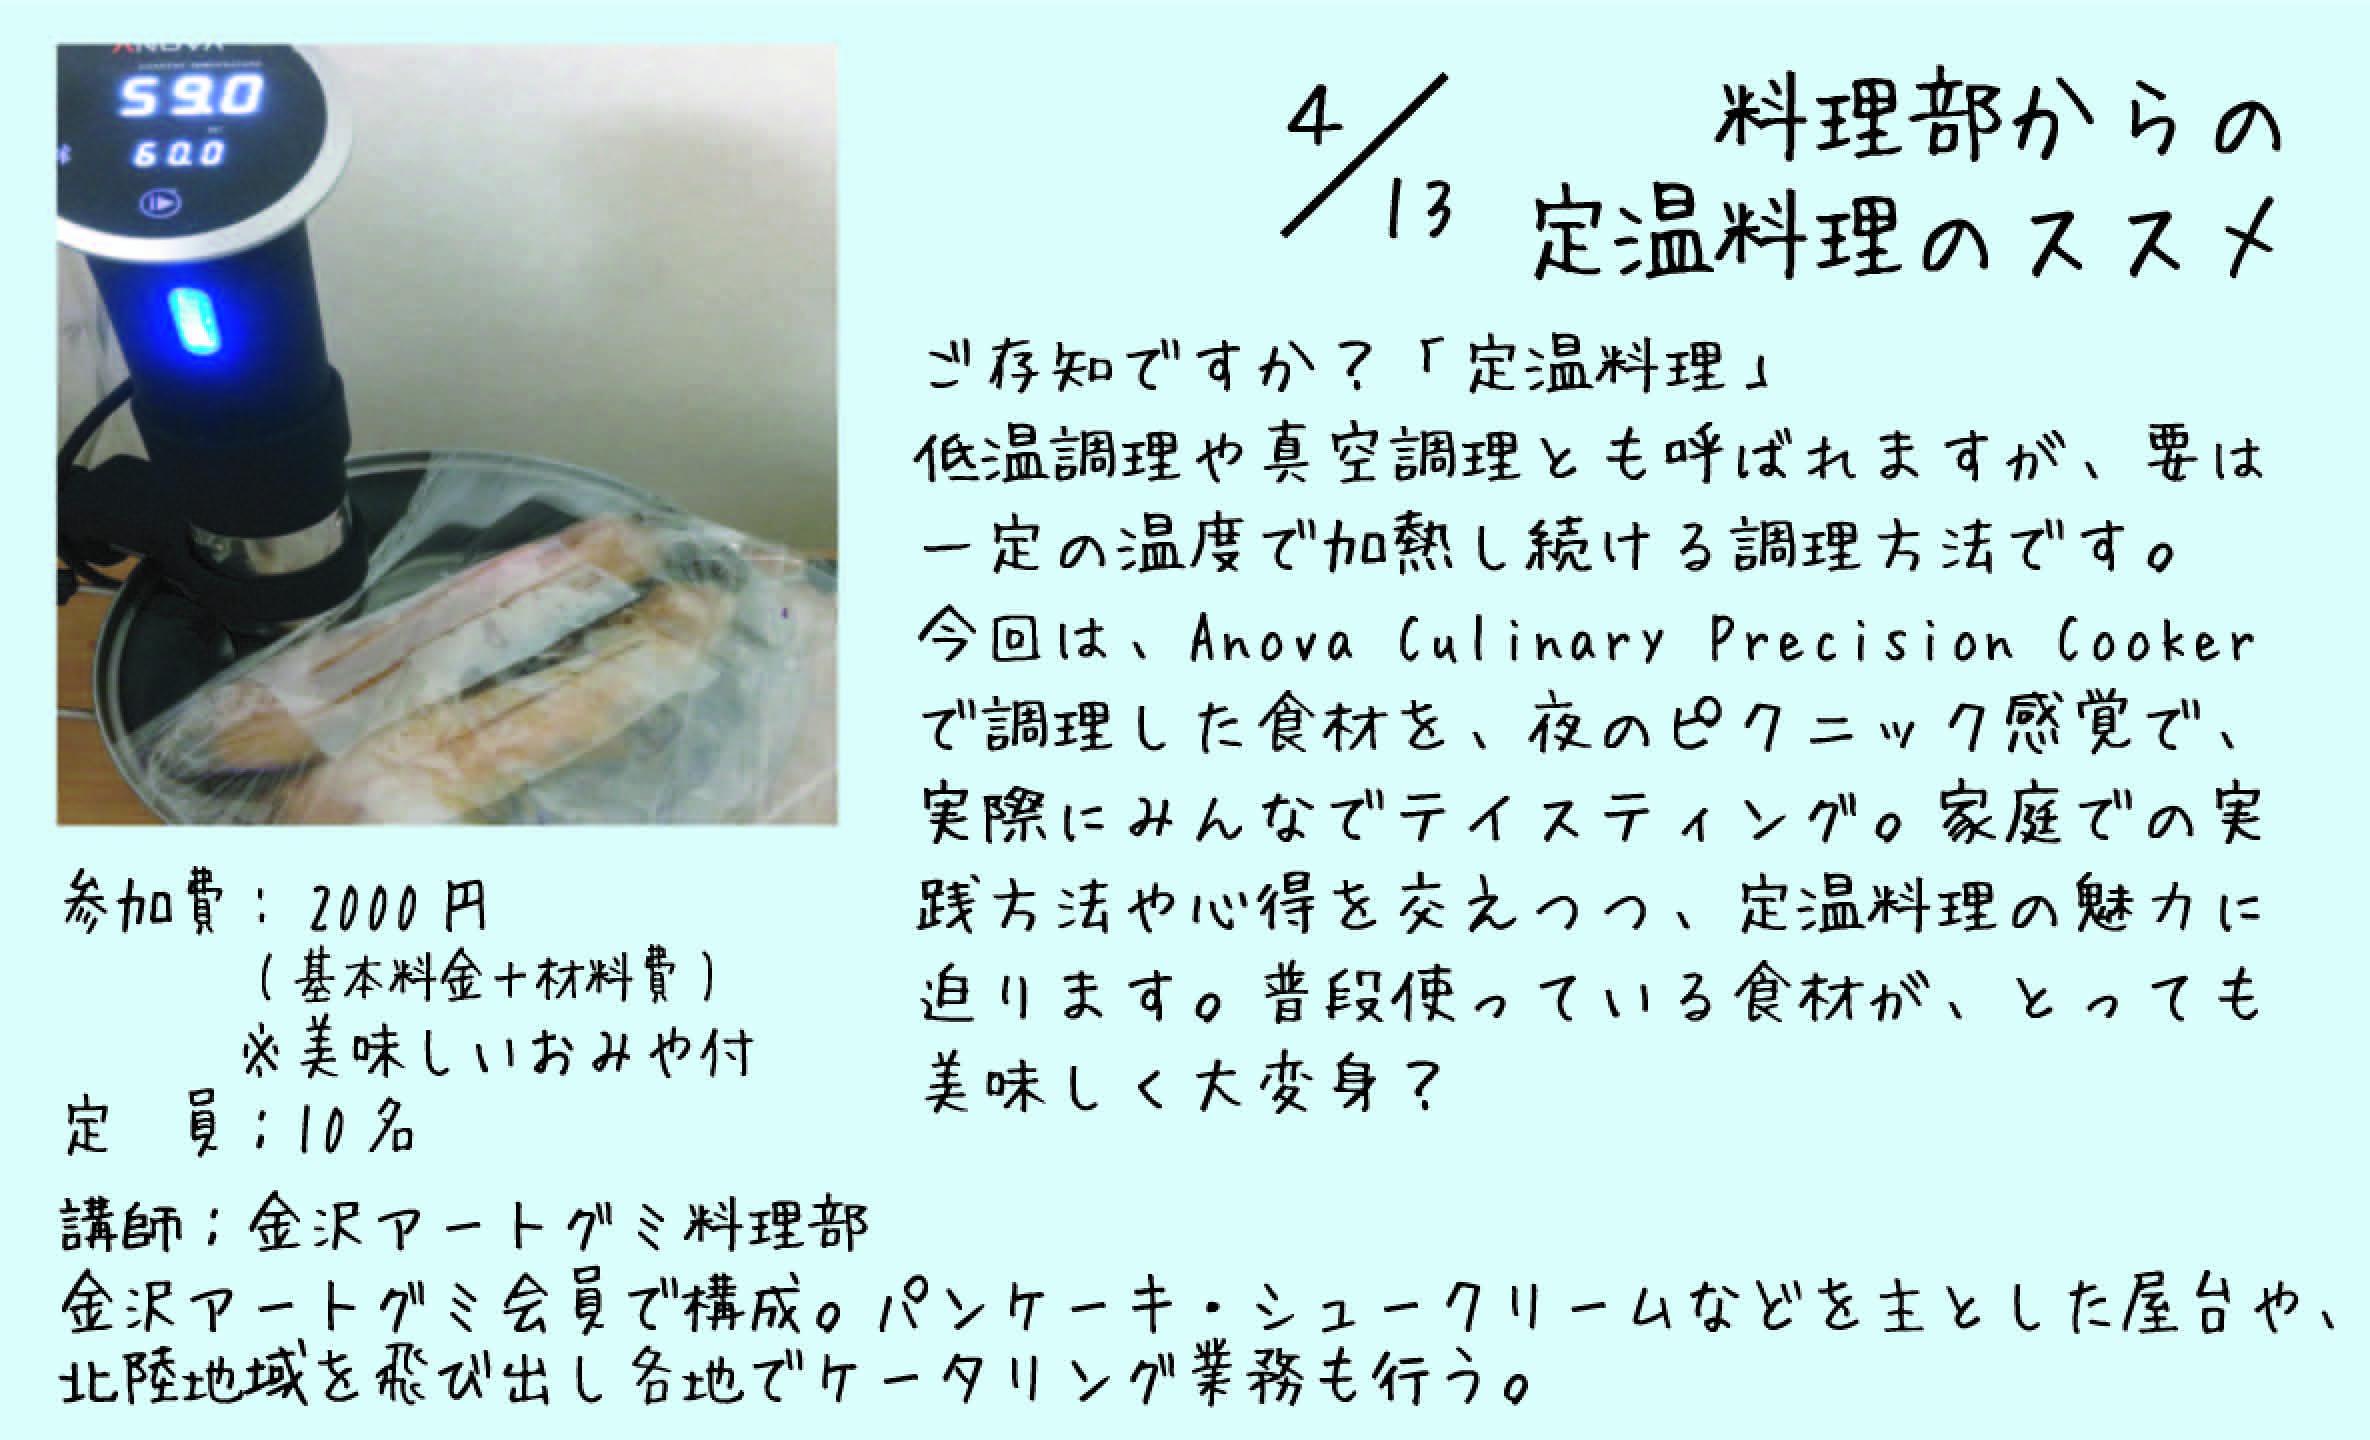 [終了]4/13 thu. 19:00-<br>料理部からの定温料理のススメ